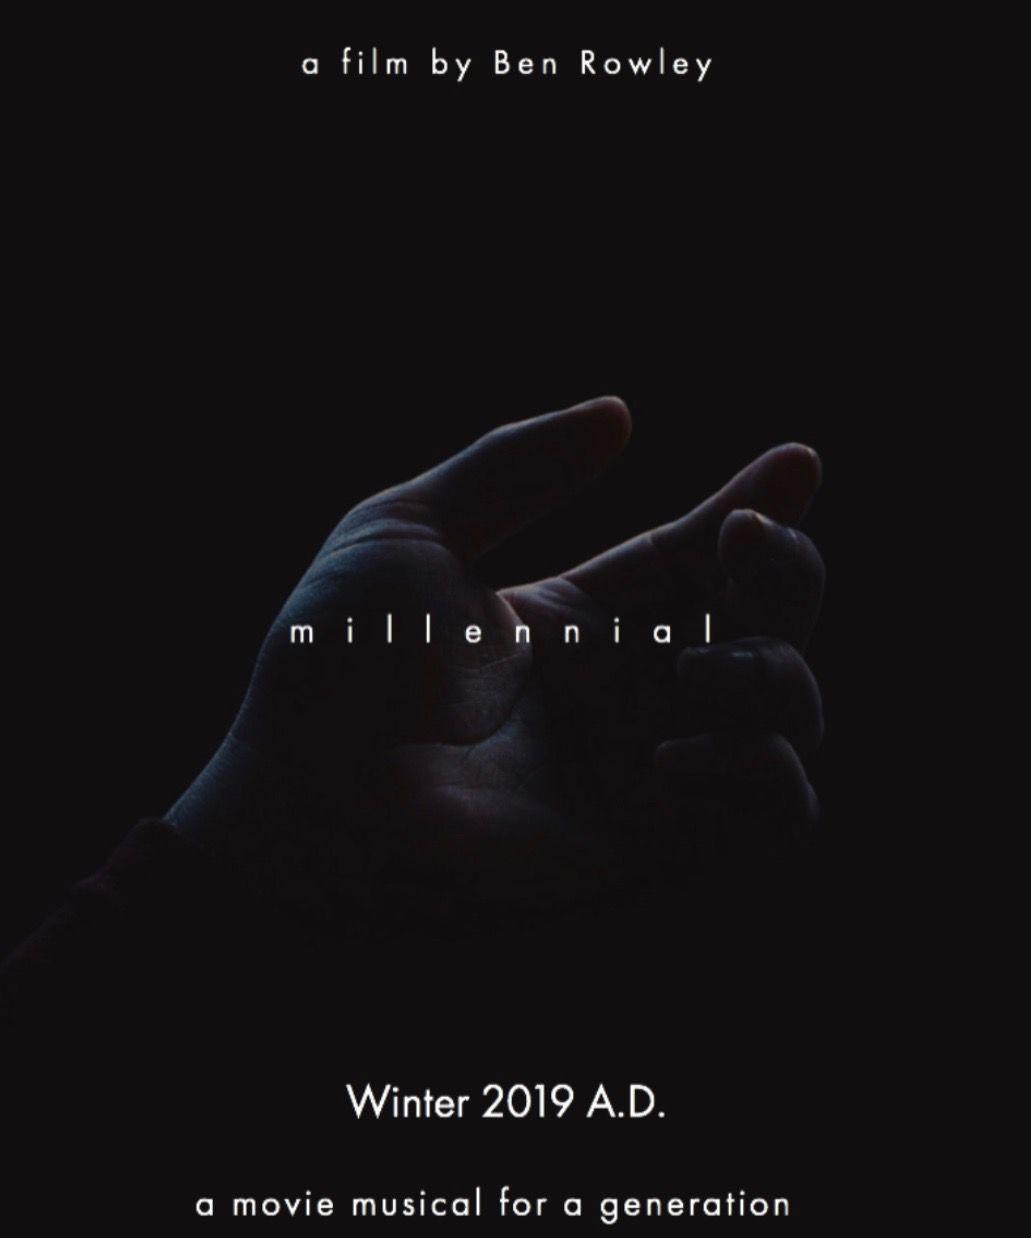 'Millennial'